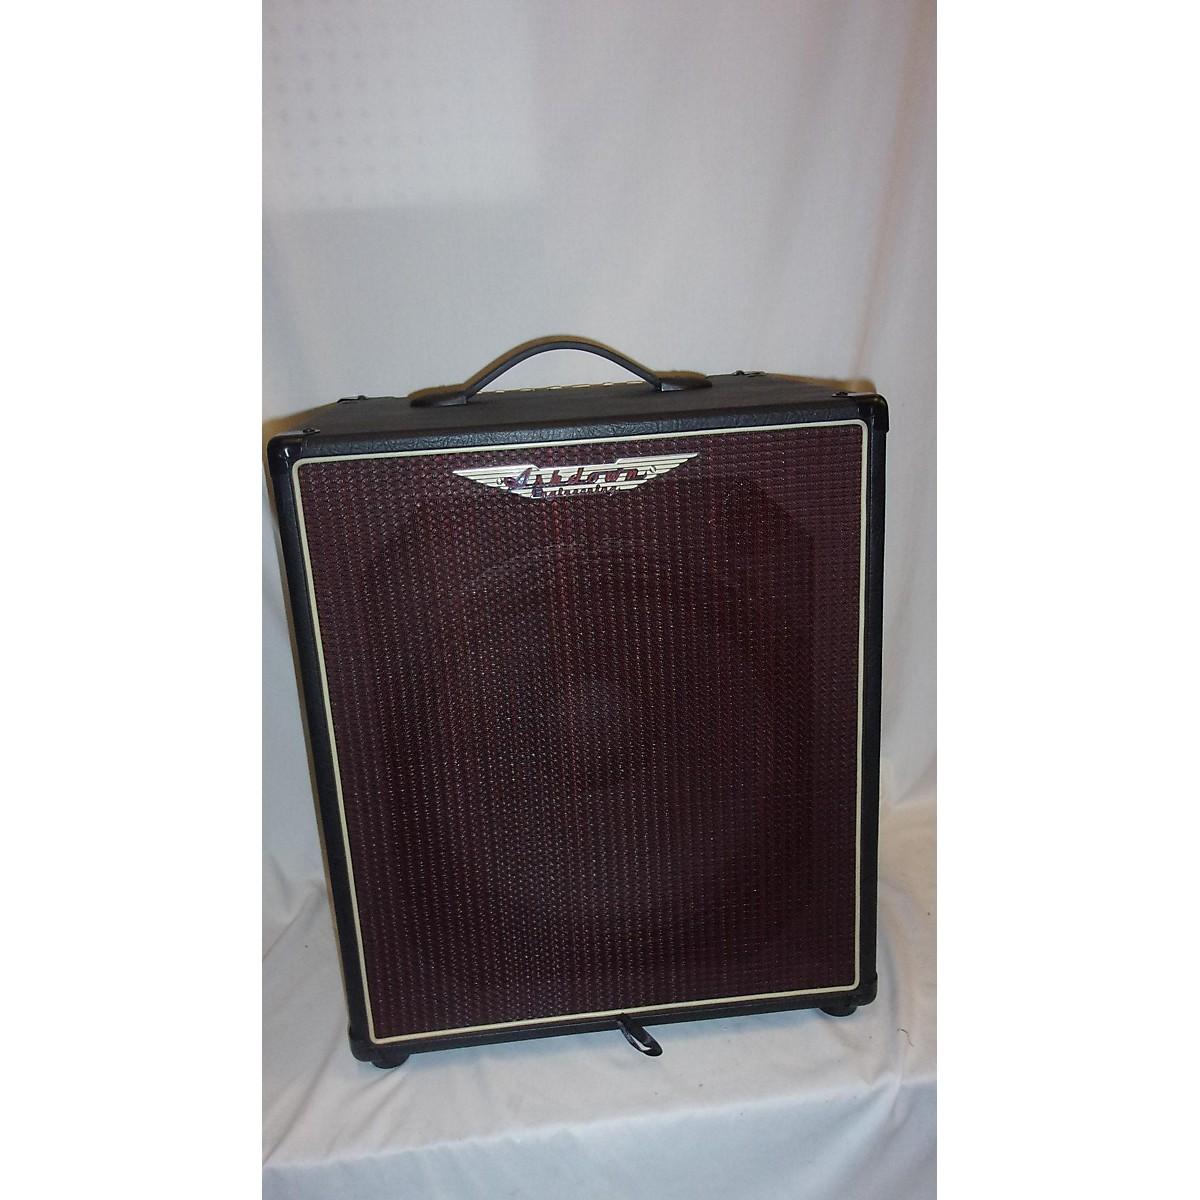 Ashdown AAA-120 Bass Combo Amp